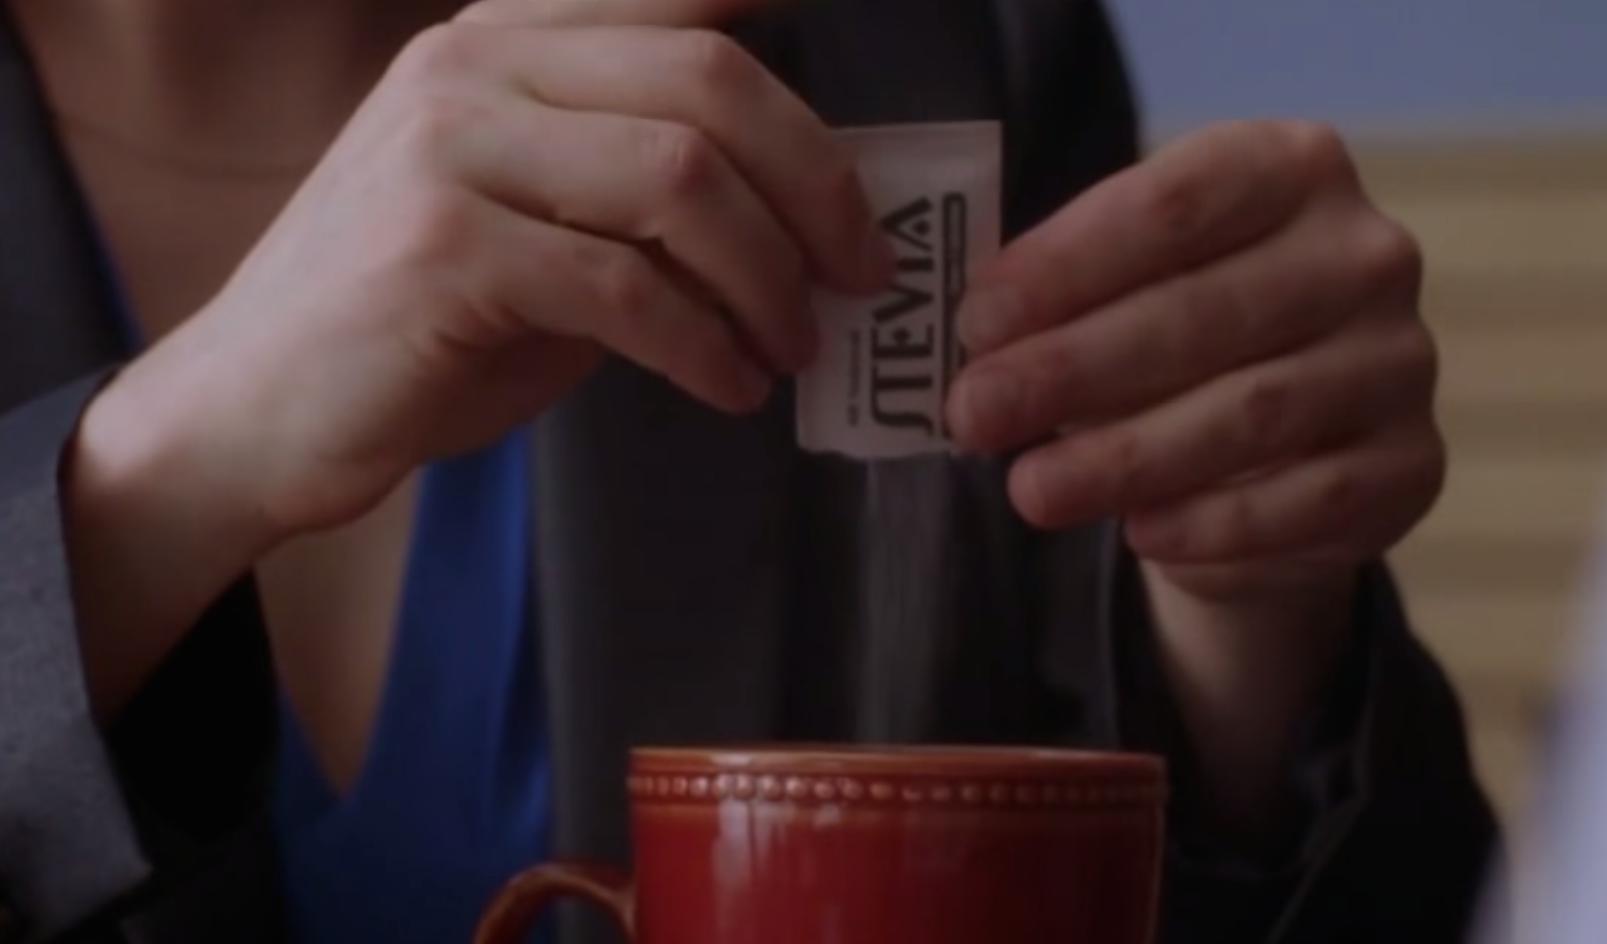 Stevia packet in Breaking Bad